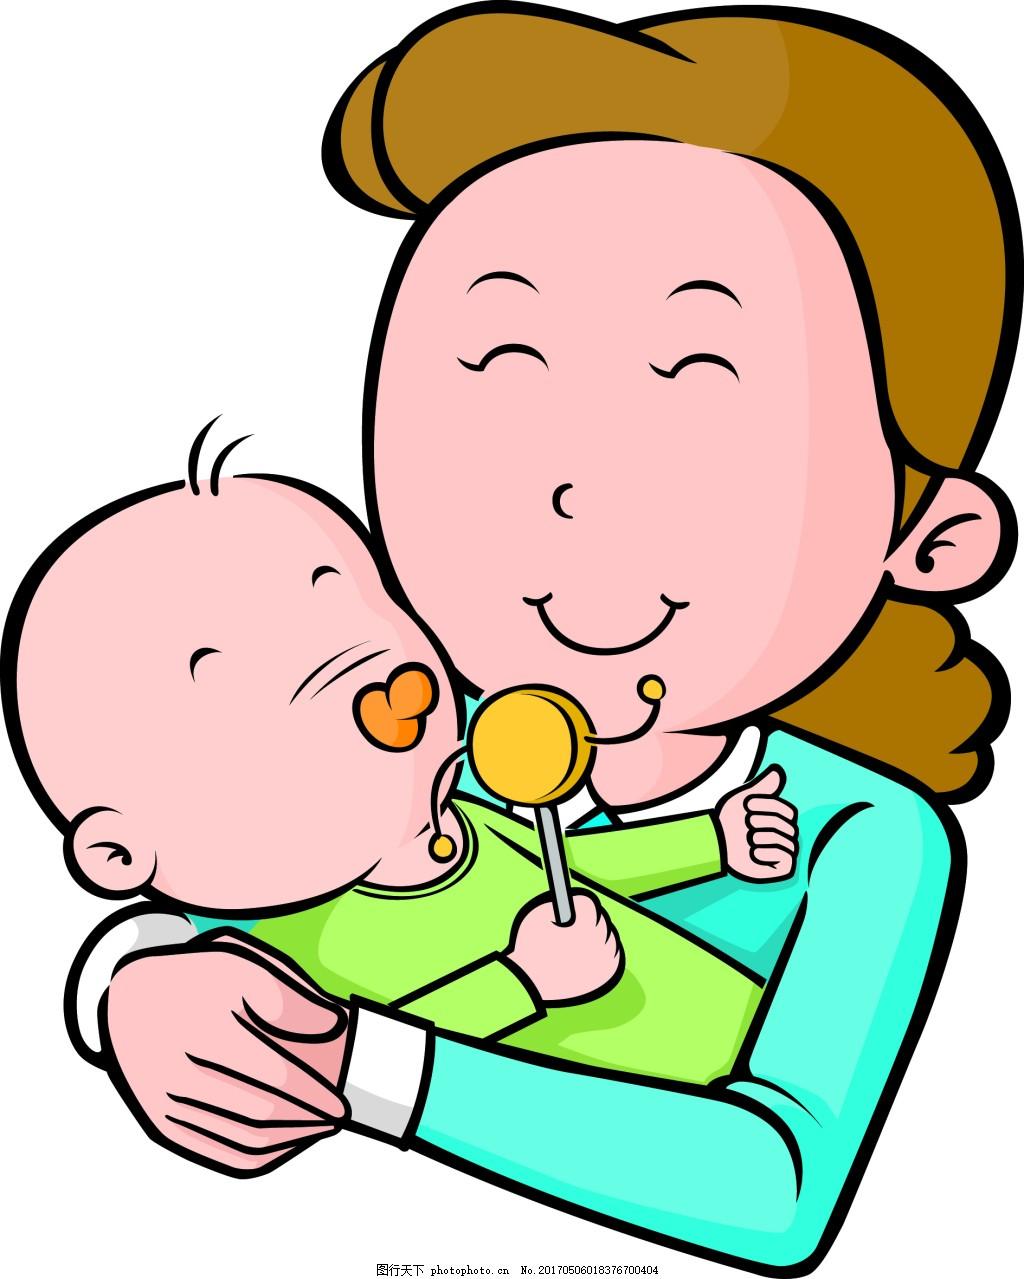 卡通妈妈婴儿素材 卡通人物 父母 母亲 棒棒糖